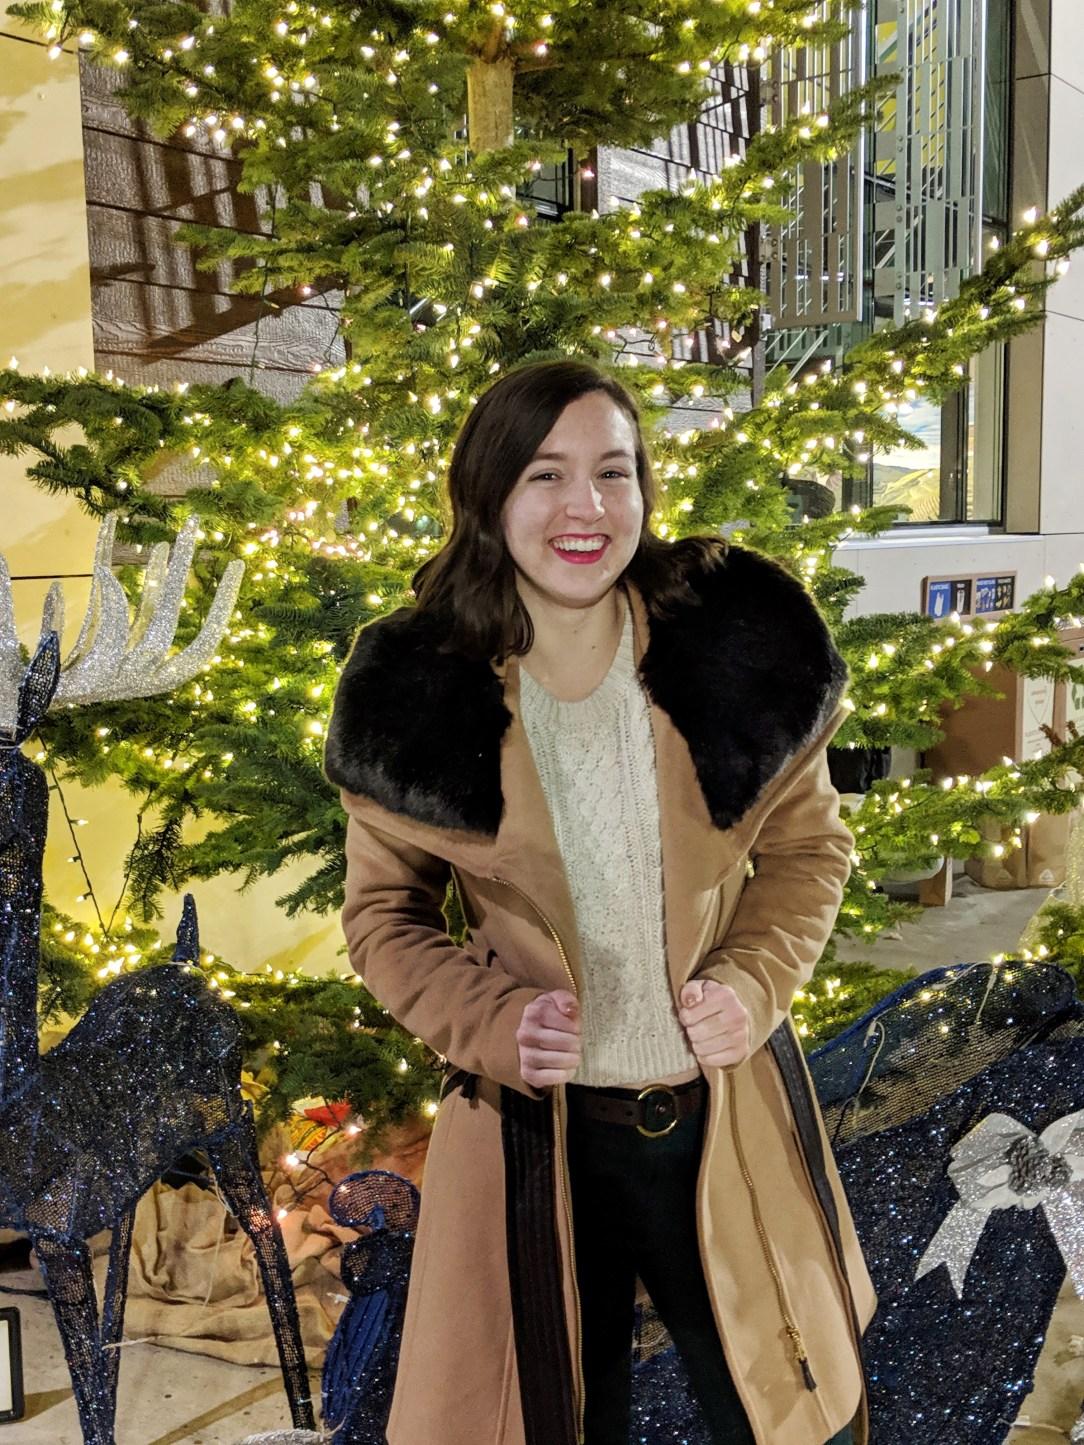 Macy's faux fur coat